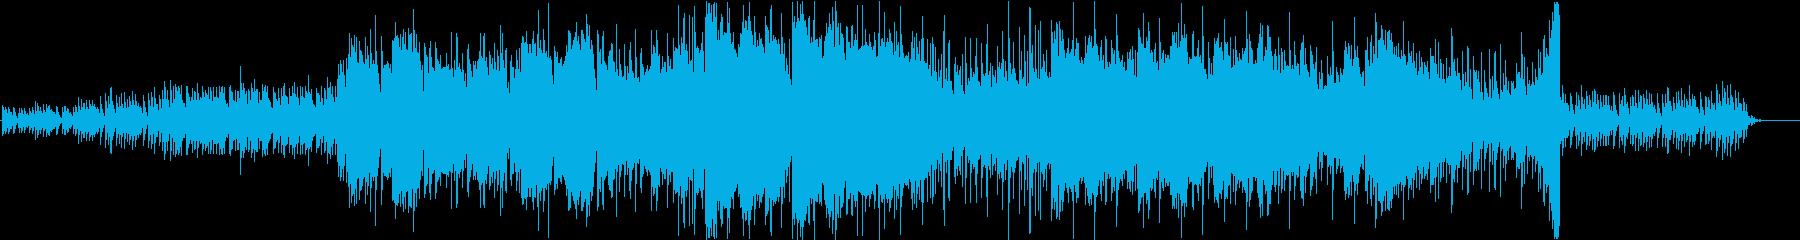 エスニックな木琴と笛のミニマルな楽曲の再生済みの波形